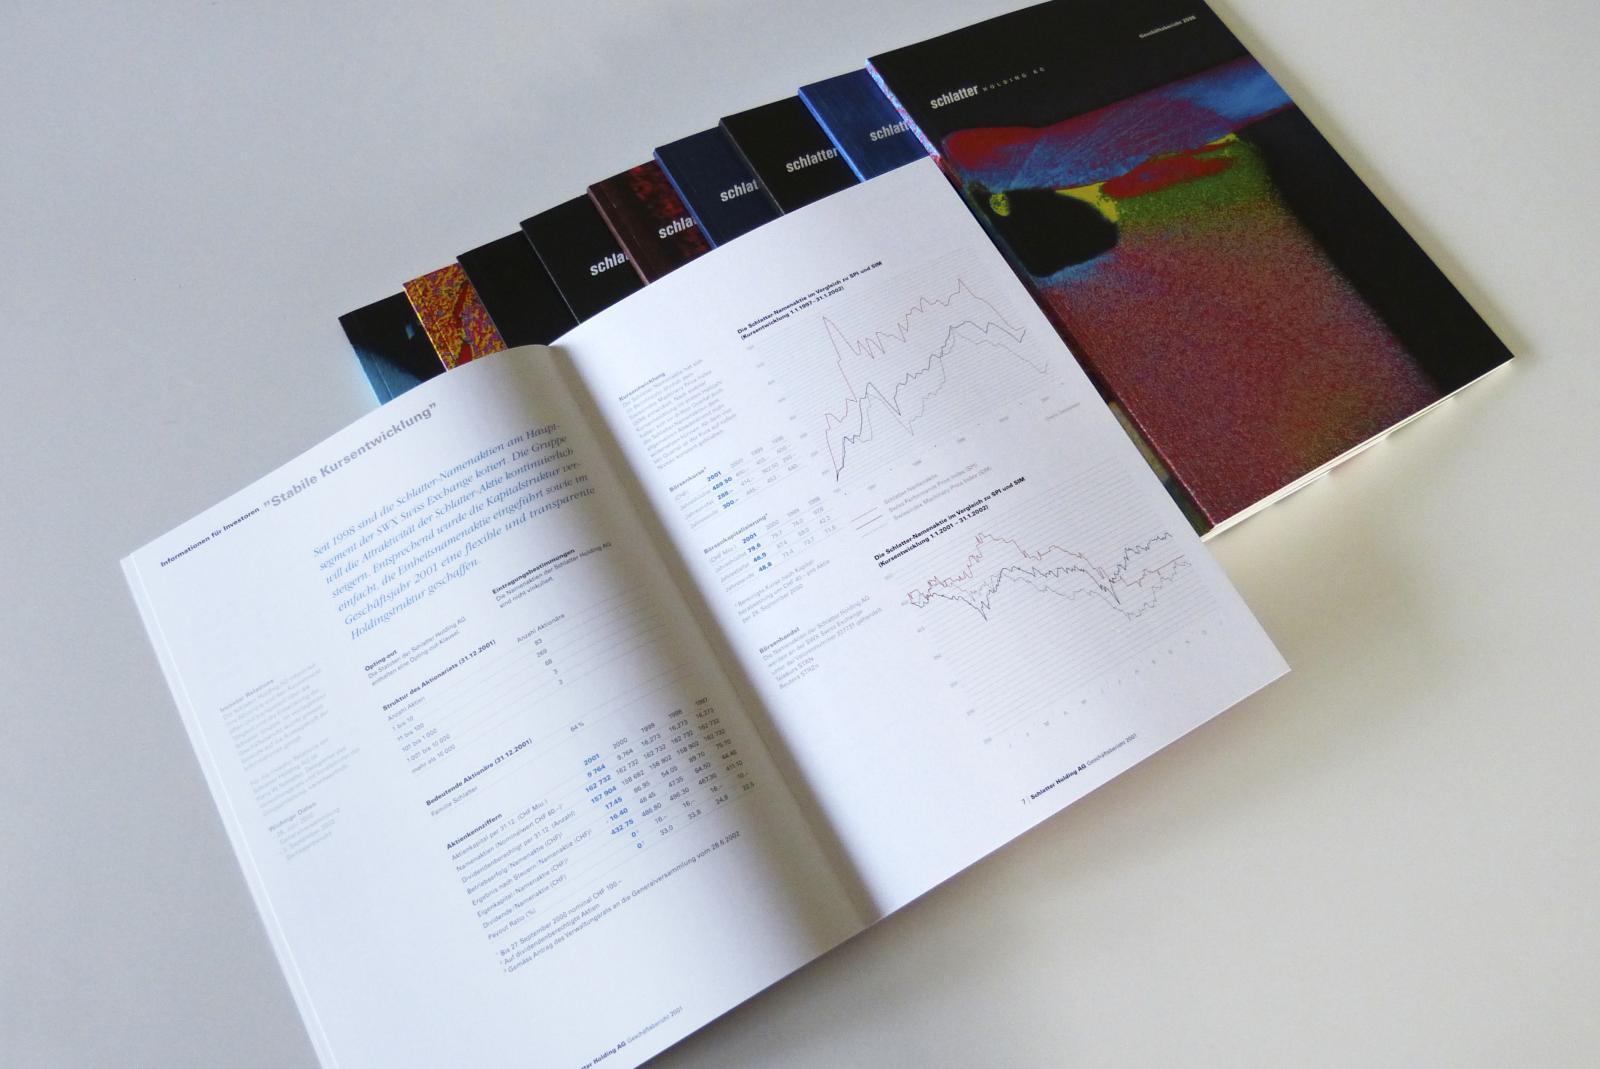 Innenseite mit tabellarischer Typografie und Charts